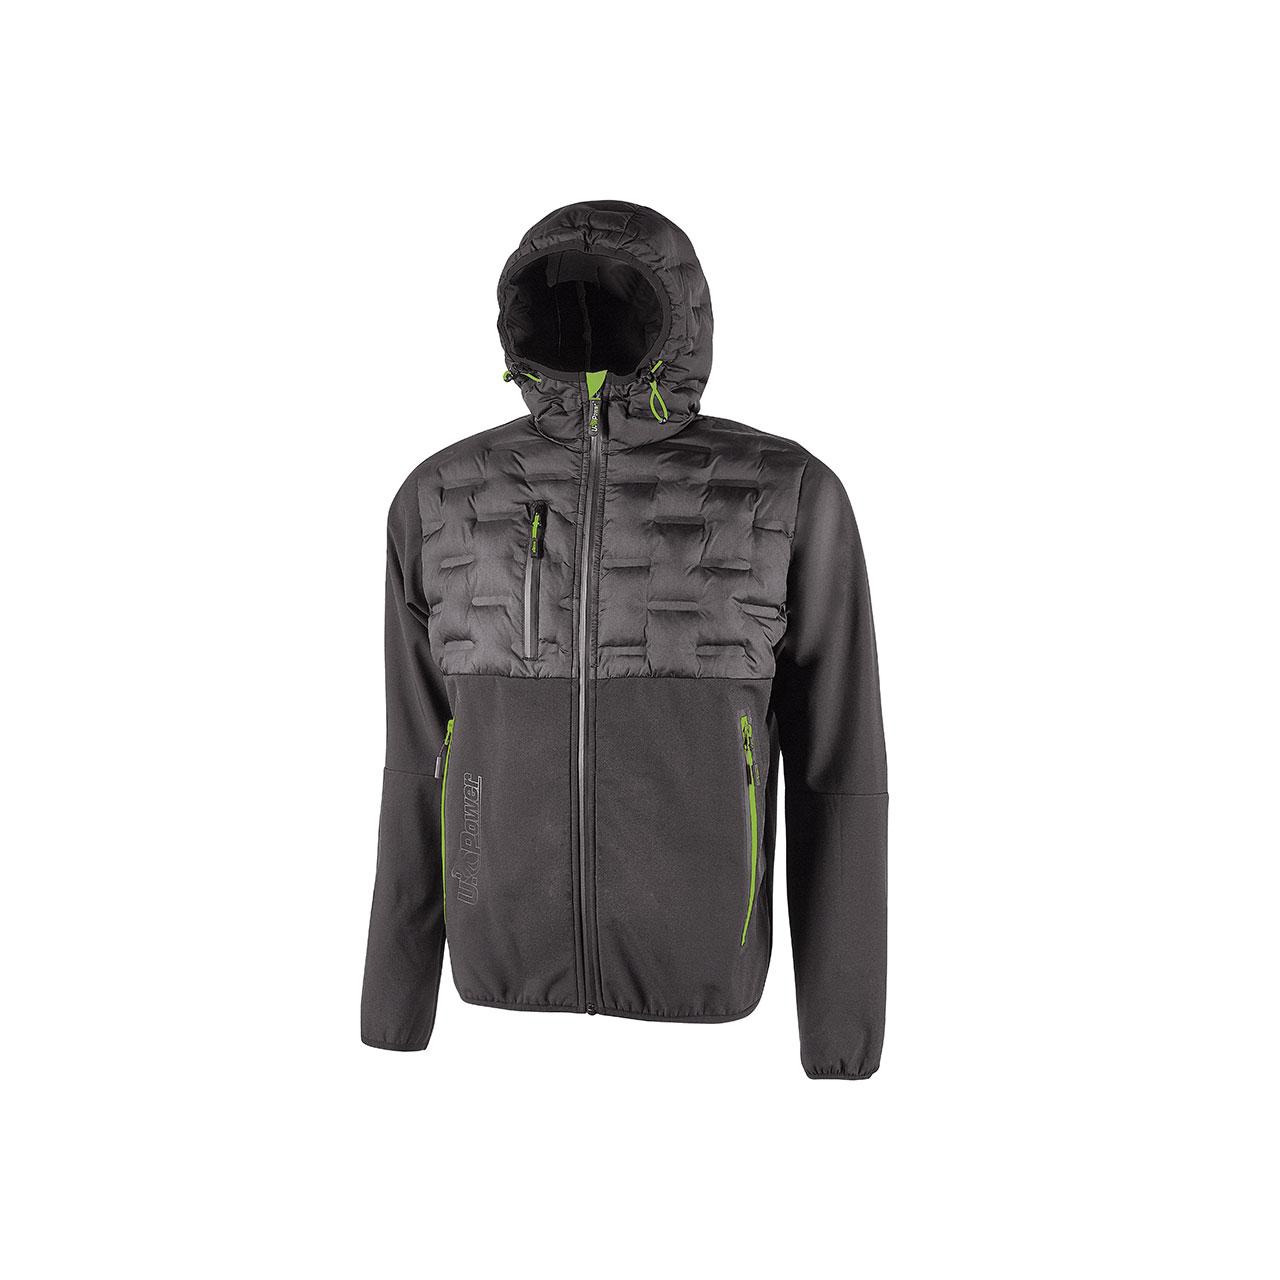 giacca da lavoro upower modello spock colore asphalt grey